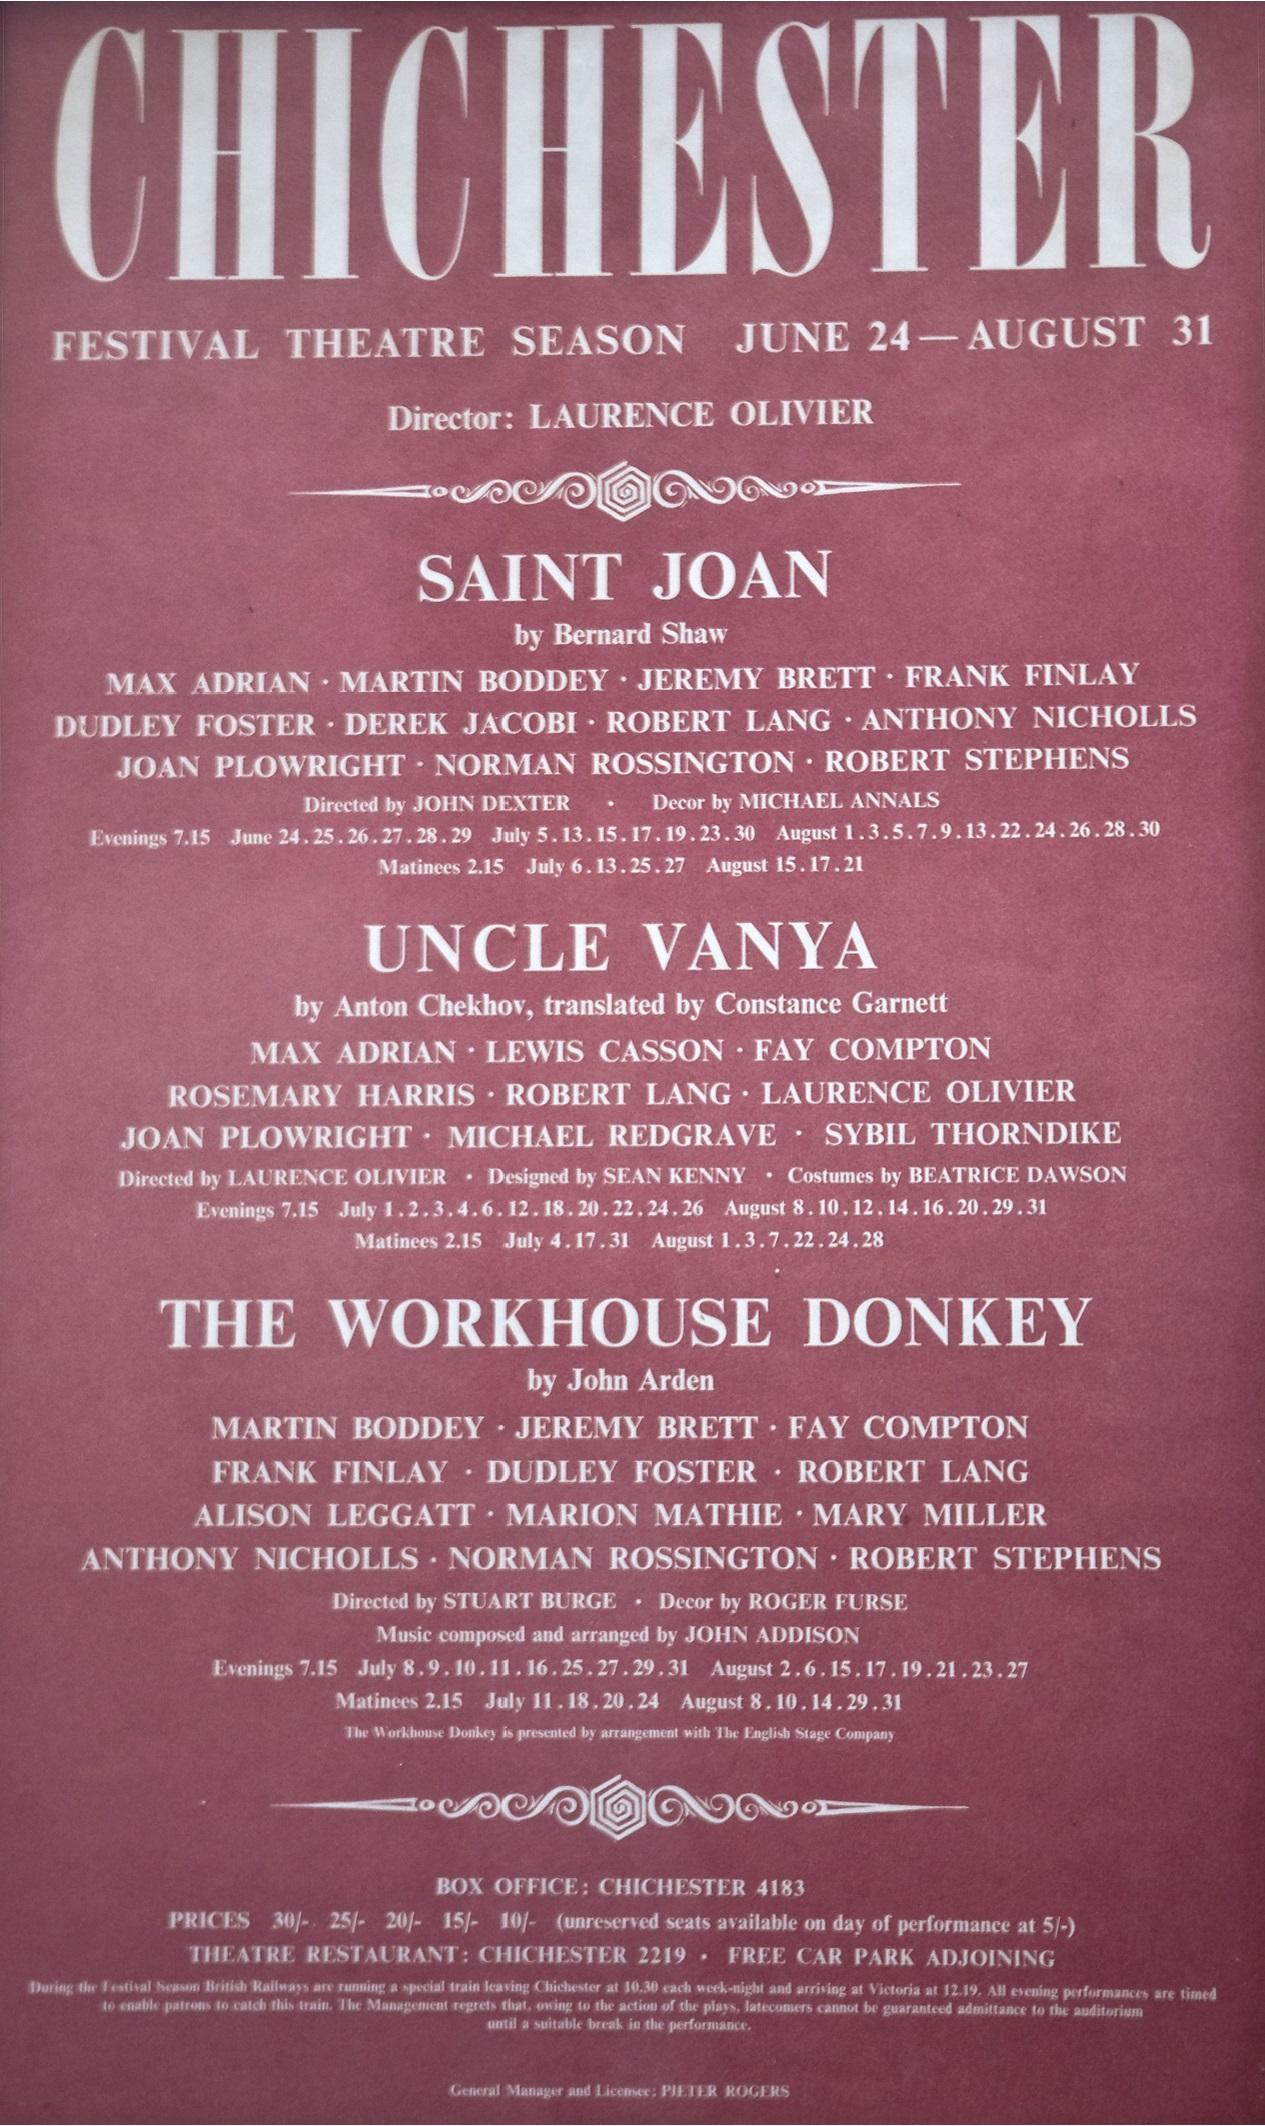 CFT 1963 Season Poster